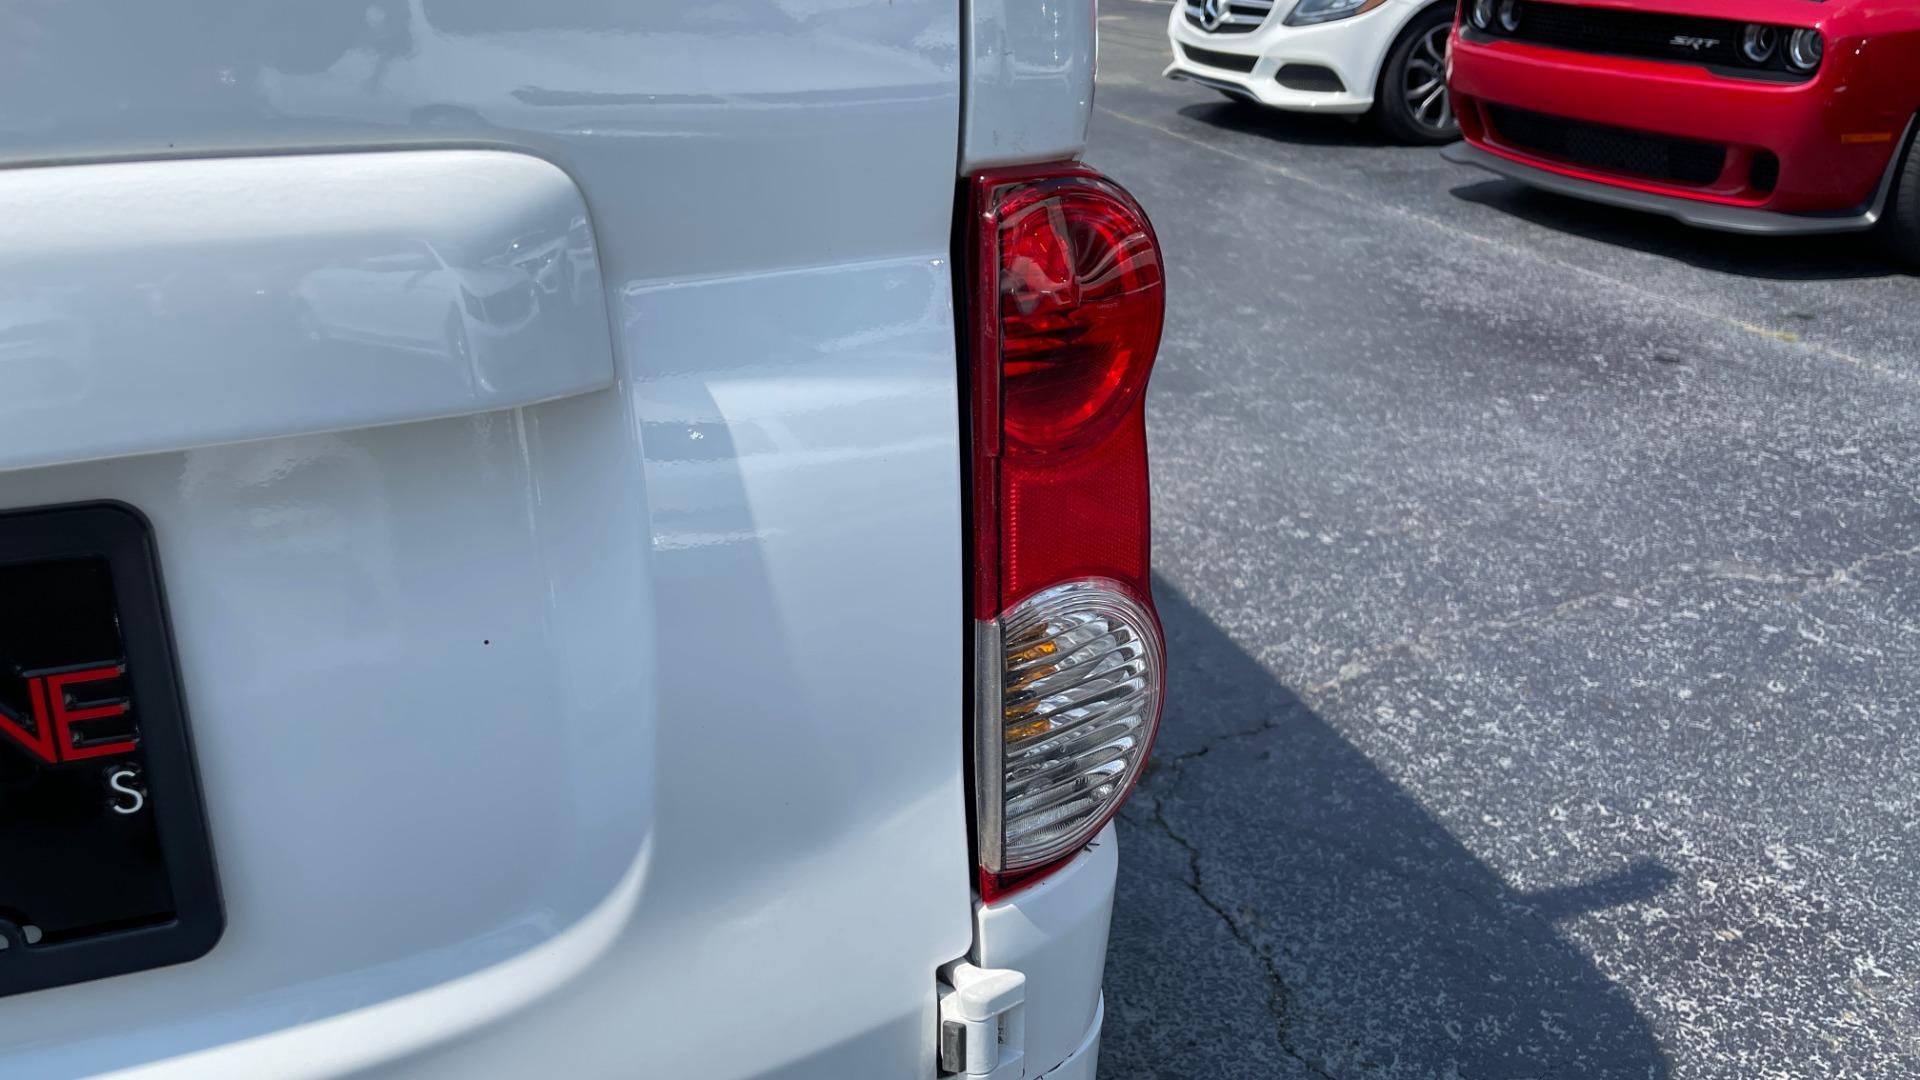 Used 2016 Nissan NV200 SV / WORK VAN / EXTERIOR APPEARANCE PKG / SPLASH GUARDS for sale $14,999 at Formula Imports in Charlotte NC 28227 9